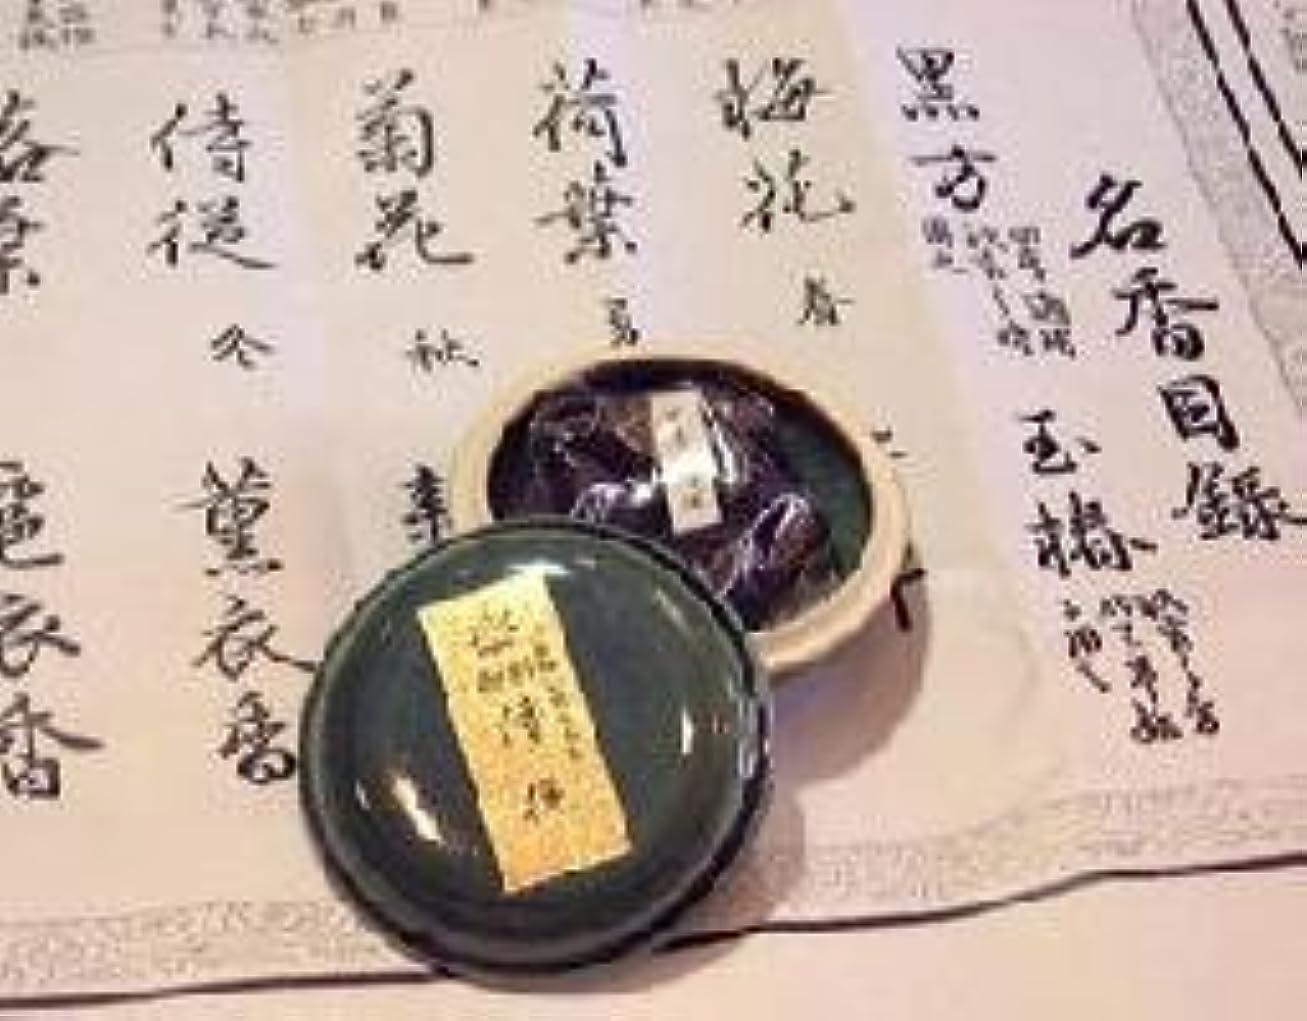 スケジュールディンカルビル起こりやすい鳩居堂の煉香 御香 侍従 桐箱 たと紙 陶器香合11g入 #505